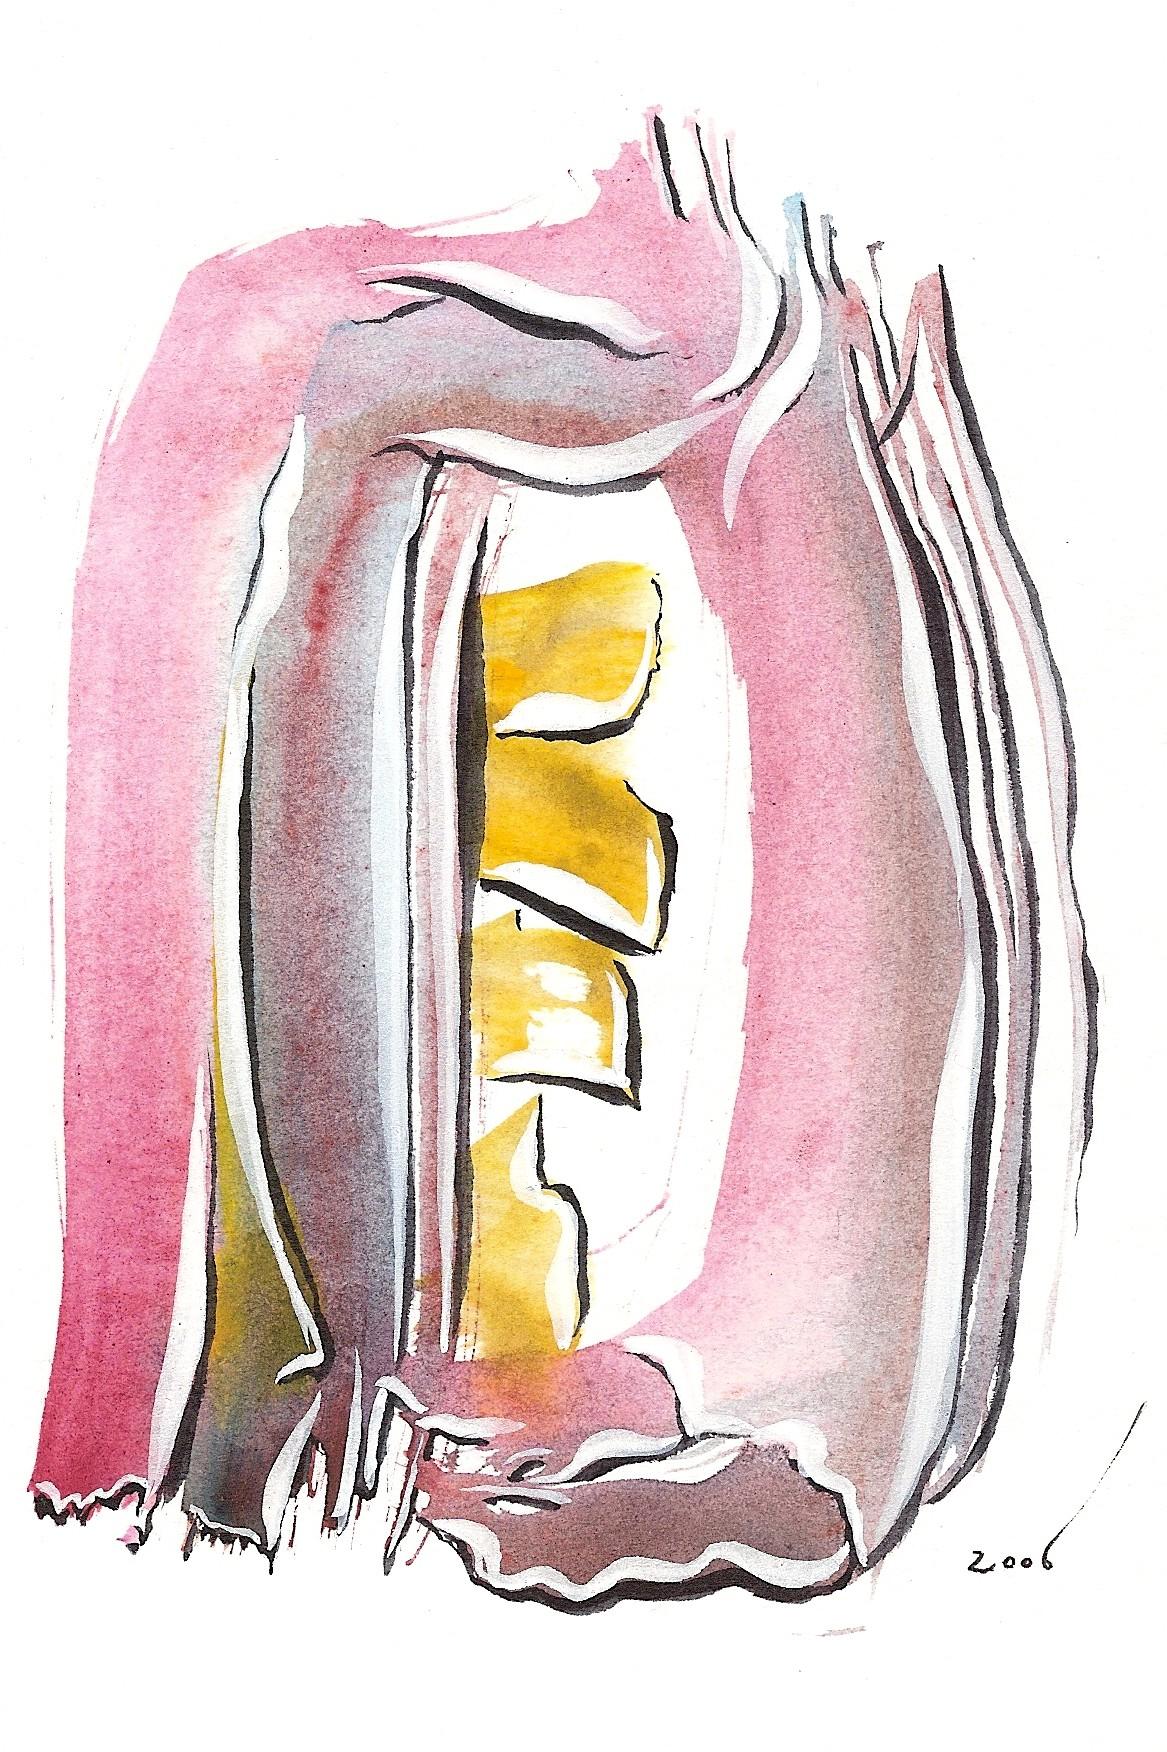 Imponderável_2_2006.jpg